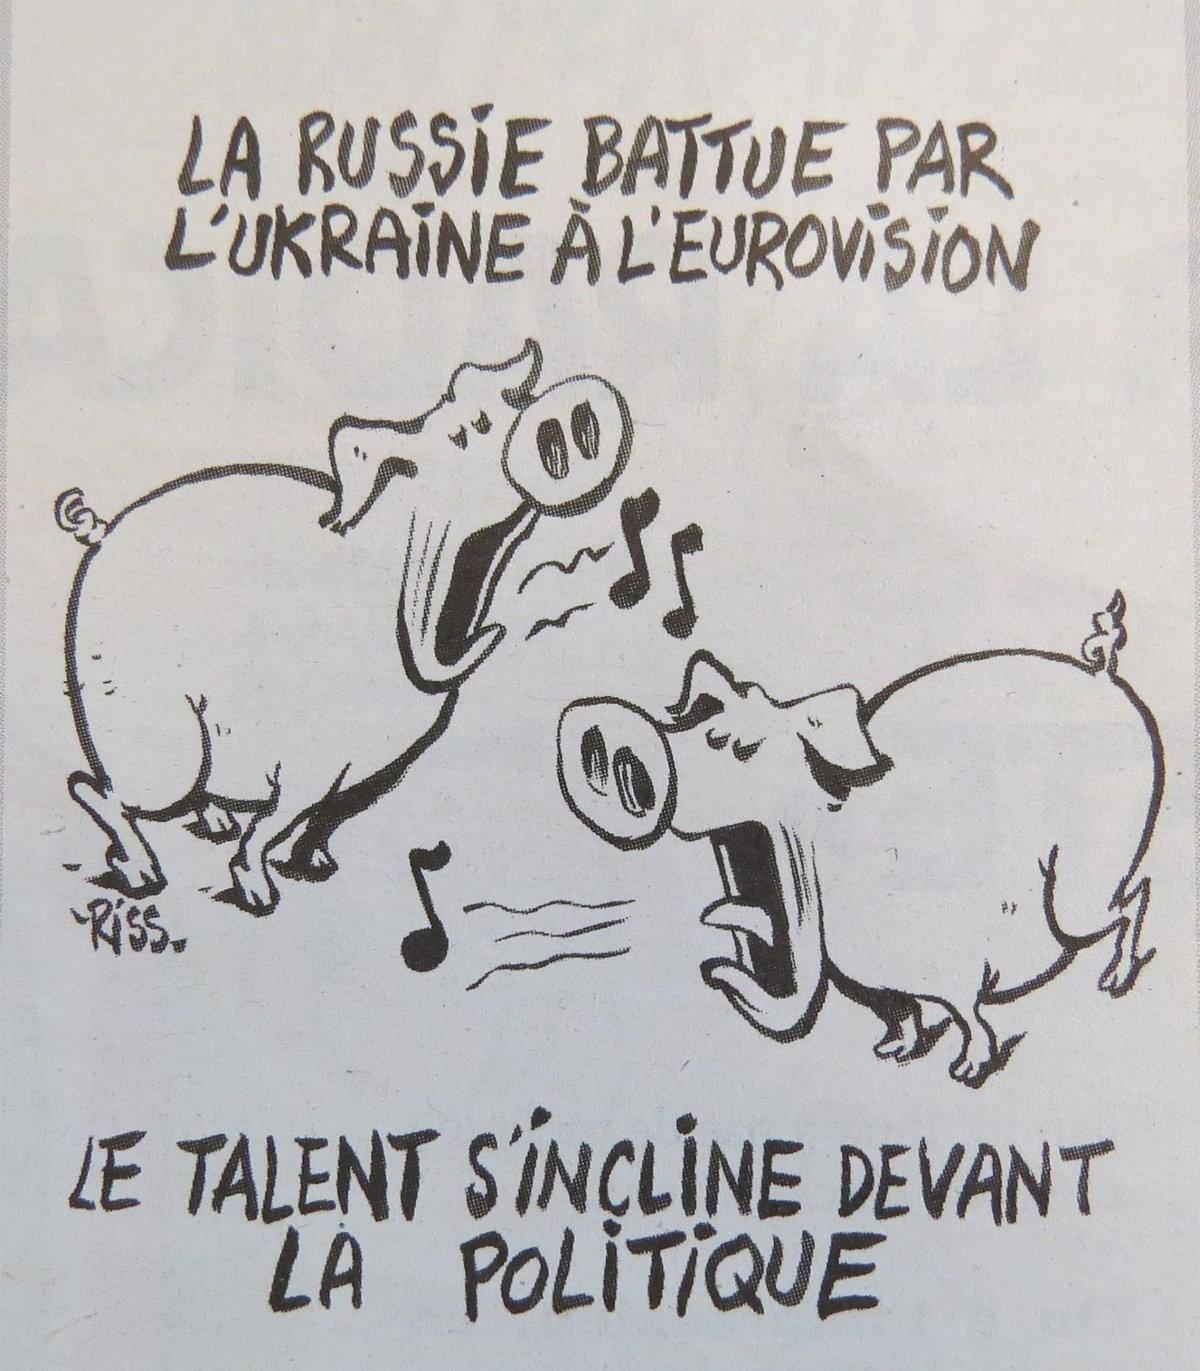 Charlie Hebdo jurnalı Eurivision-2016 müsabiqəsində Ukrayna və Rusiyanı təmsil etmiş müğənniləri təhqir edib